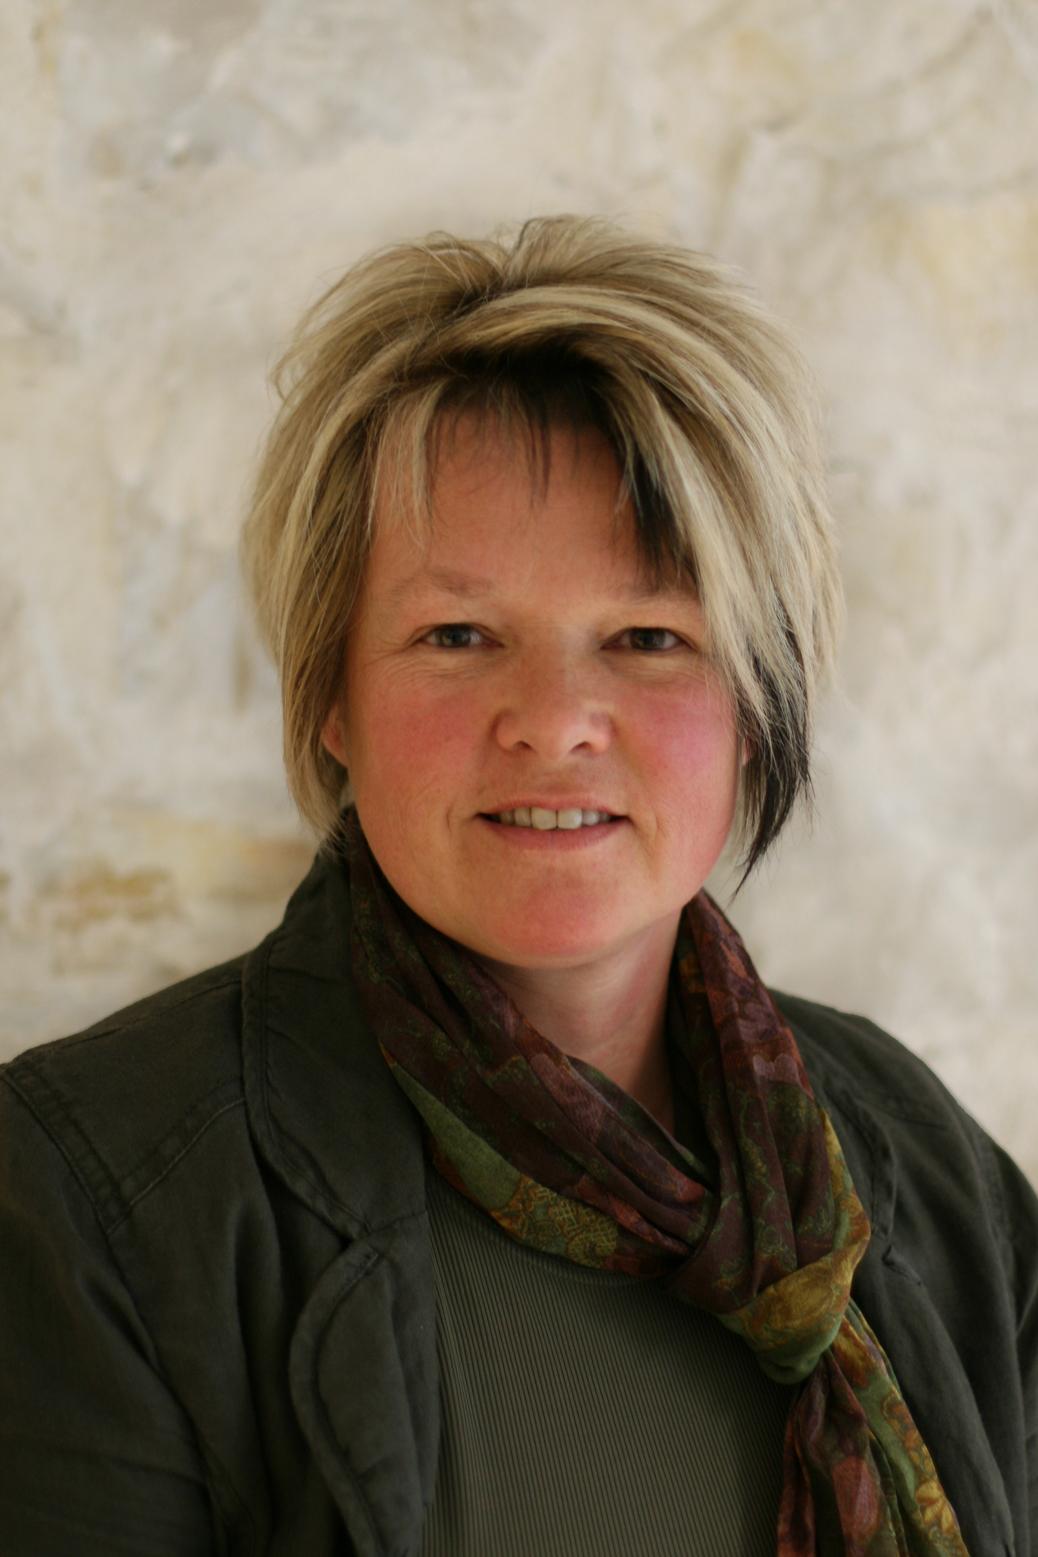 Belinda Stroh